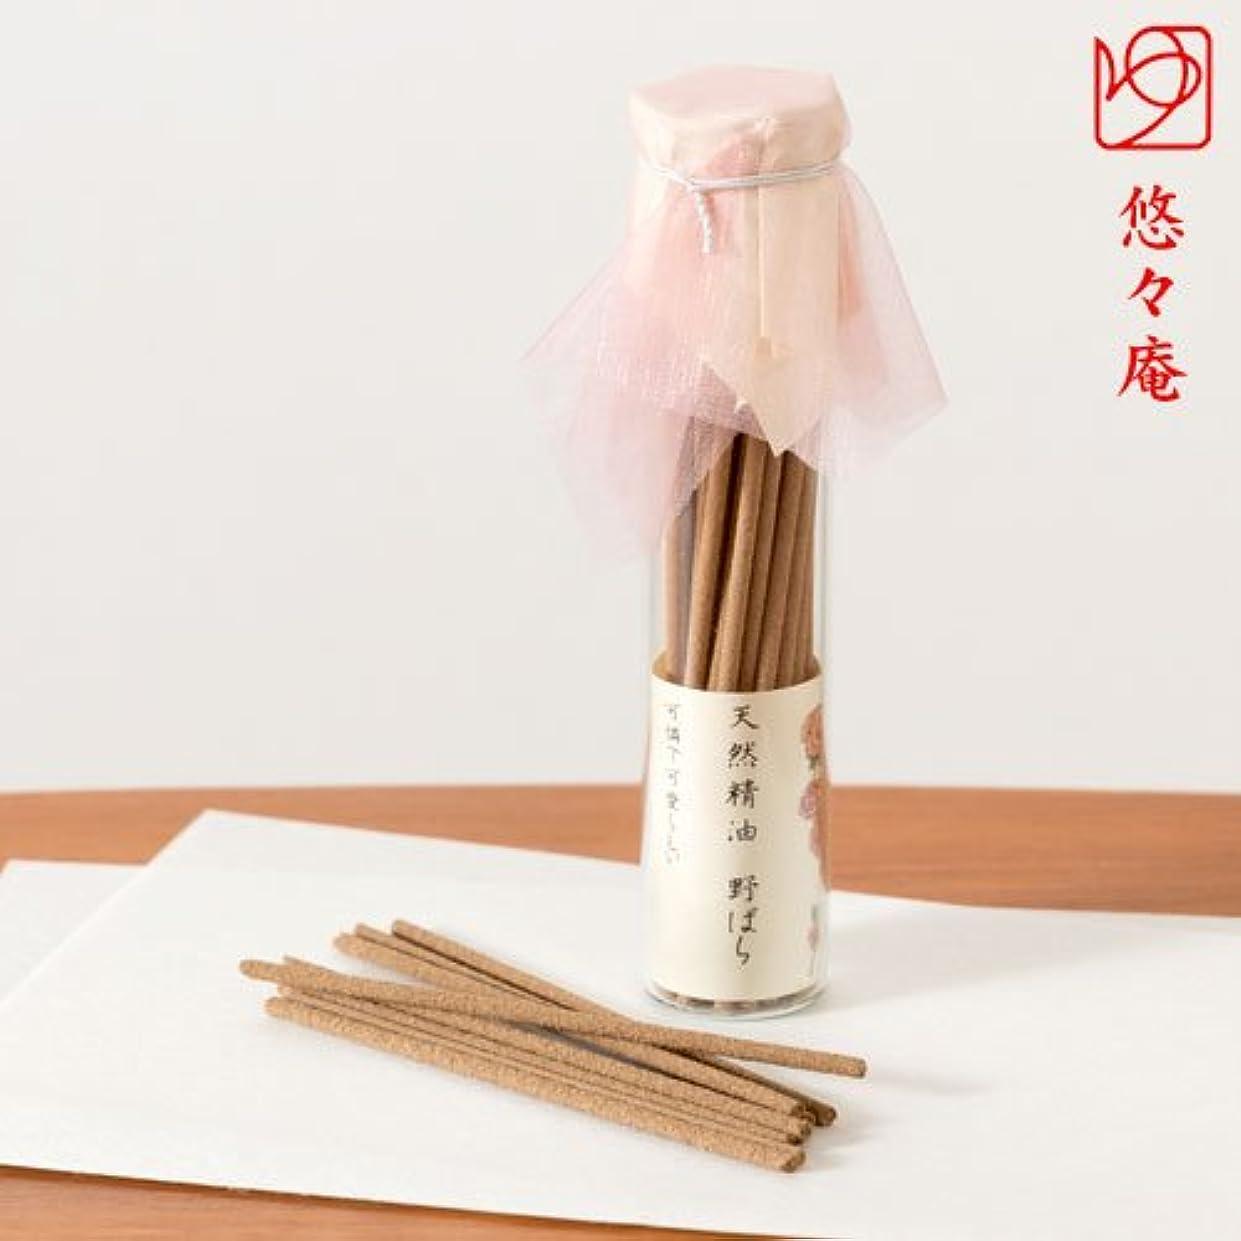 霊赤字化石スティックお香天然精油のお線香野ばらの森ガラスビン入悠々庵Incense stick of natural essential oil